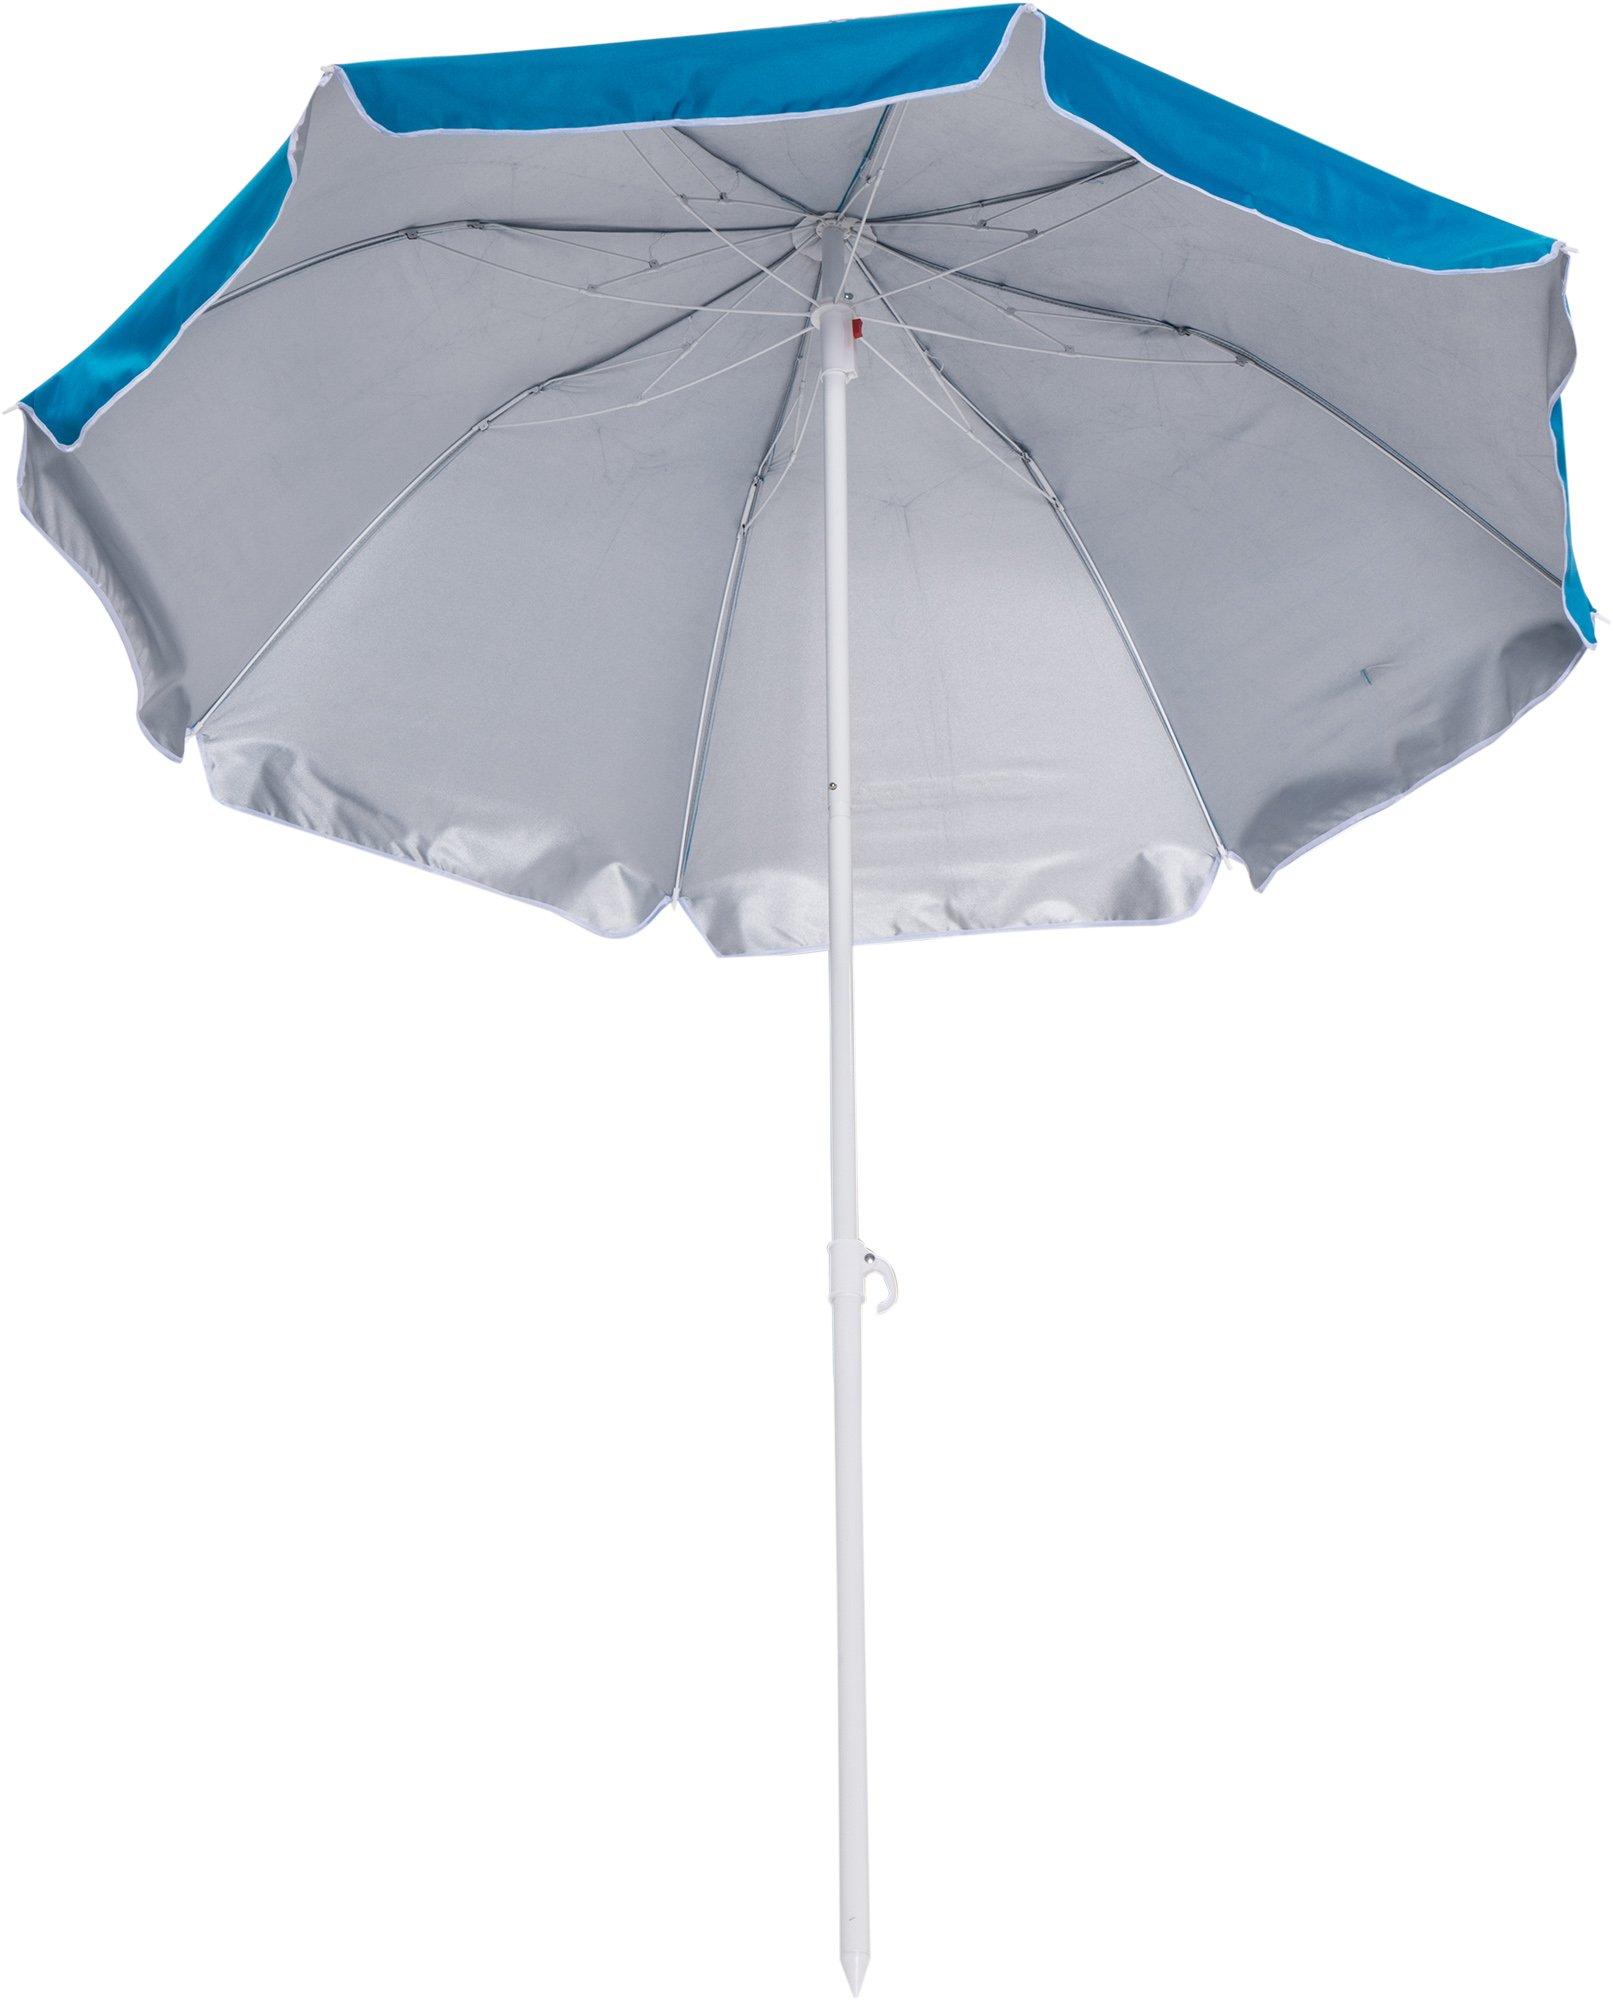 Cressi Premium Beach Umbrella Portable with Folding 5